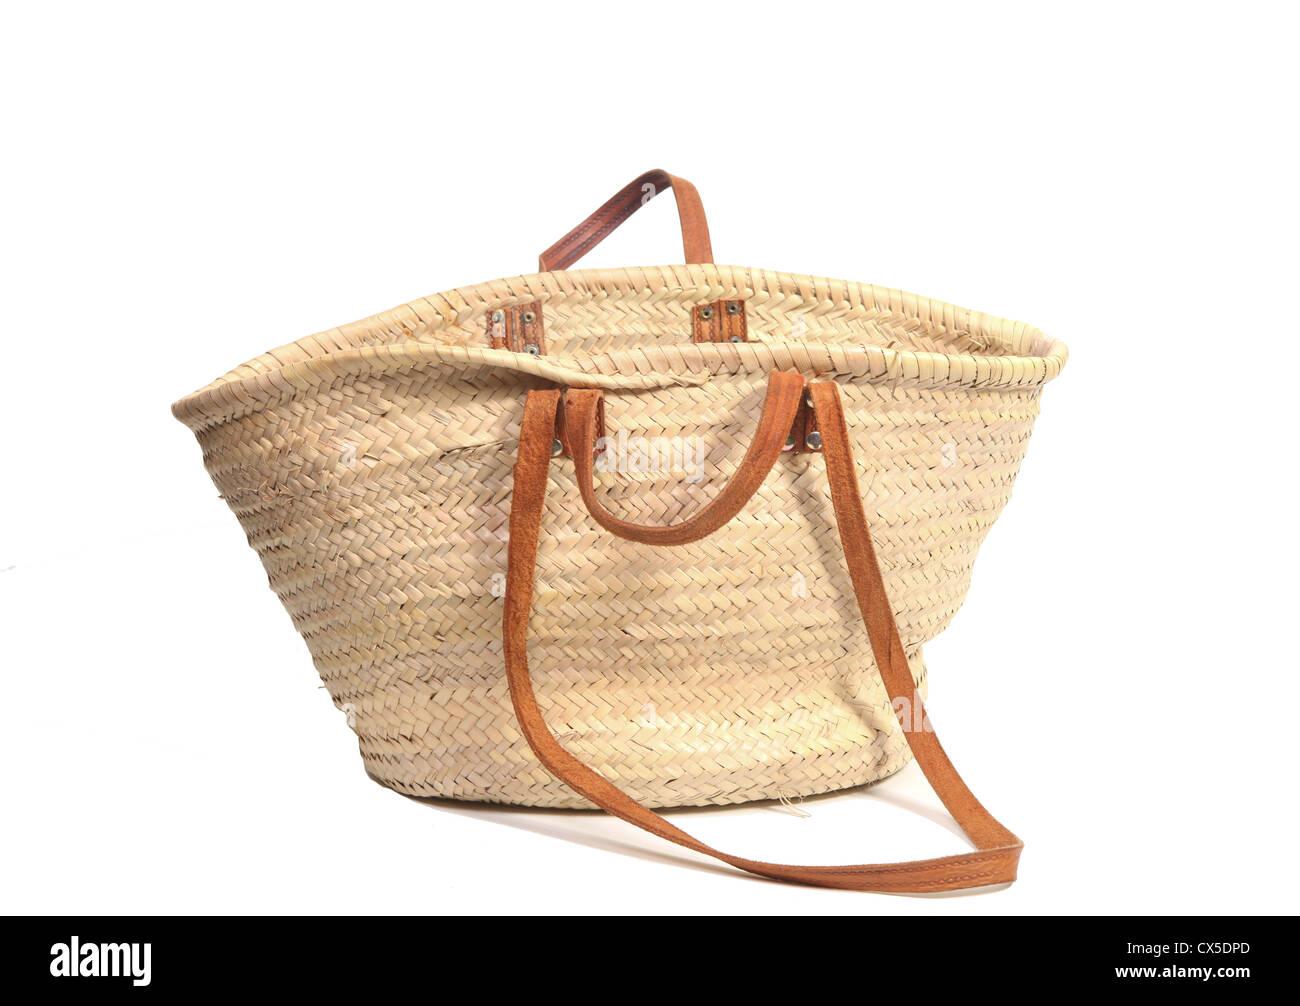 5a0891e7f67e9 Leeren Offenen Korb Tasche Auf Weiß Stockfoto Bild 50522373 Alamy